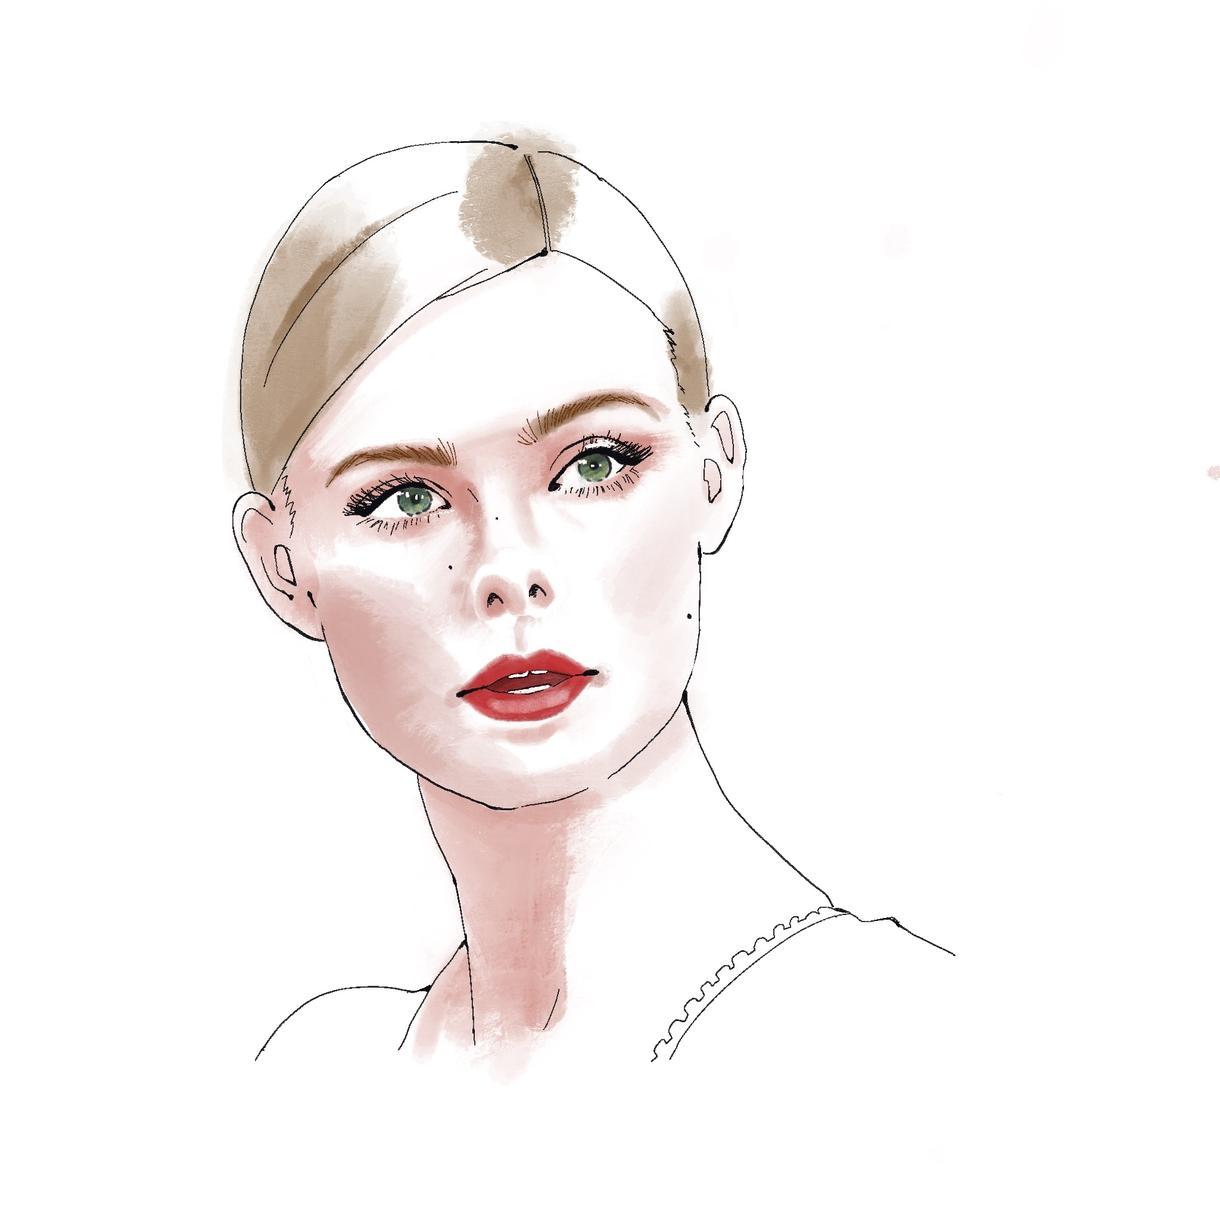 シンプルな似顔絵やアイコンを作成します あなたの魅力をシンプルに伝えるイラストを作成しませんか。